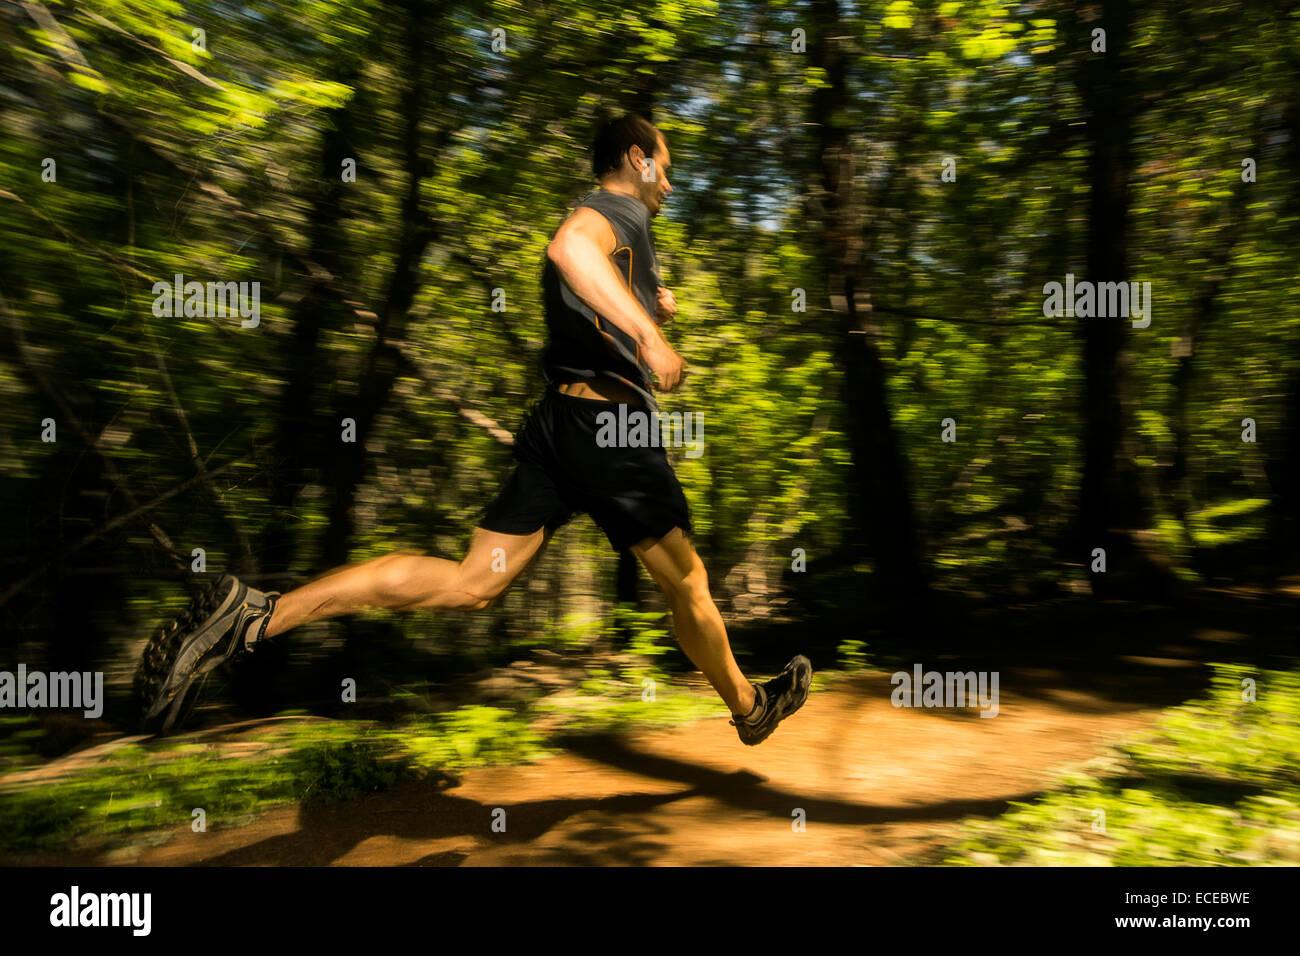 Athletic uomo correre sul sentiero attraverso la foresta Immagini Stock